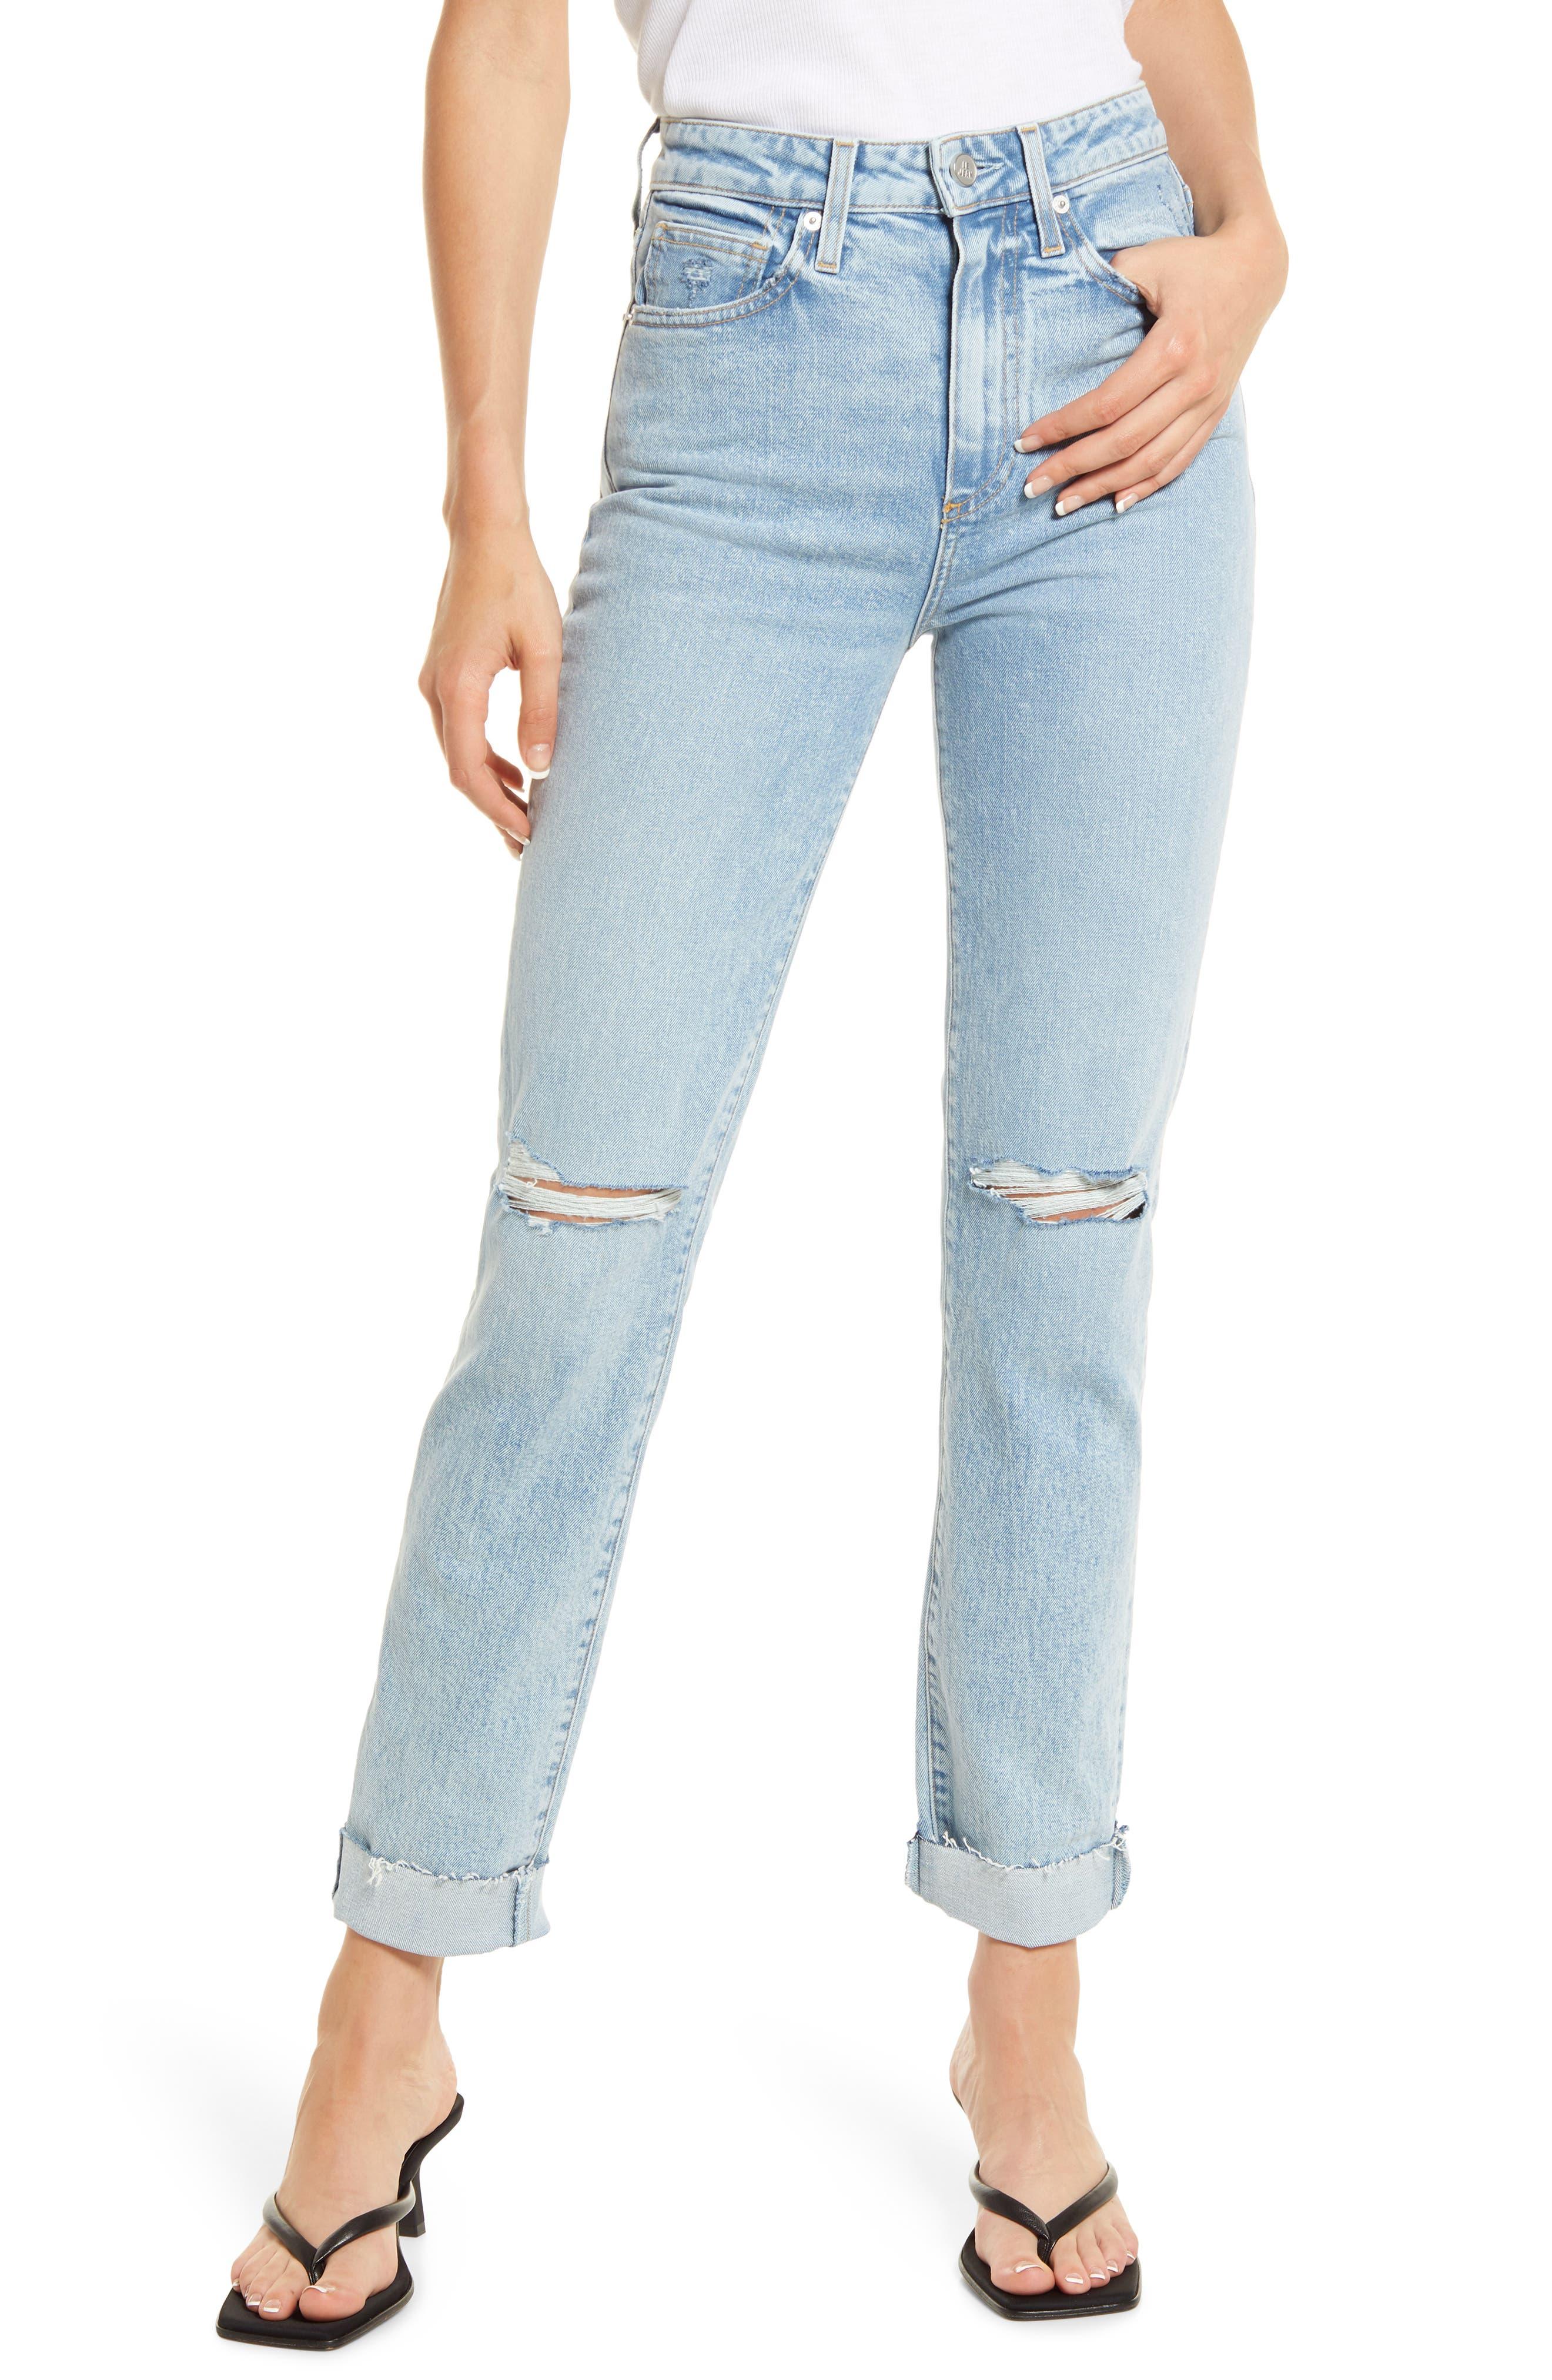 Lara High Waist Slim Jeans